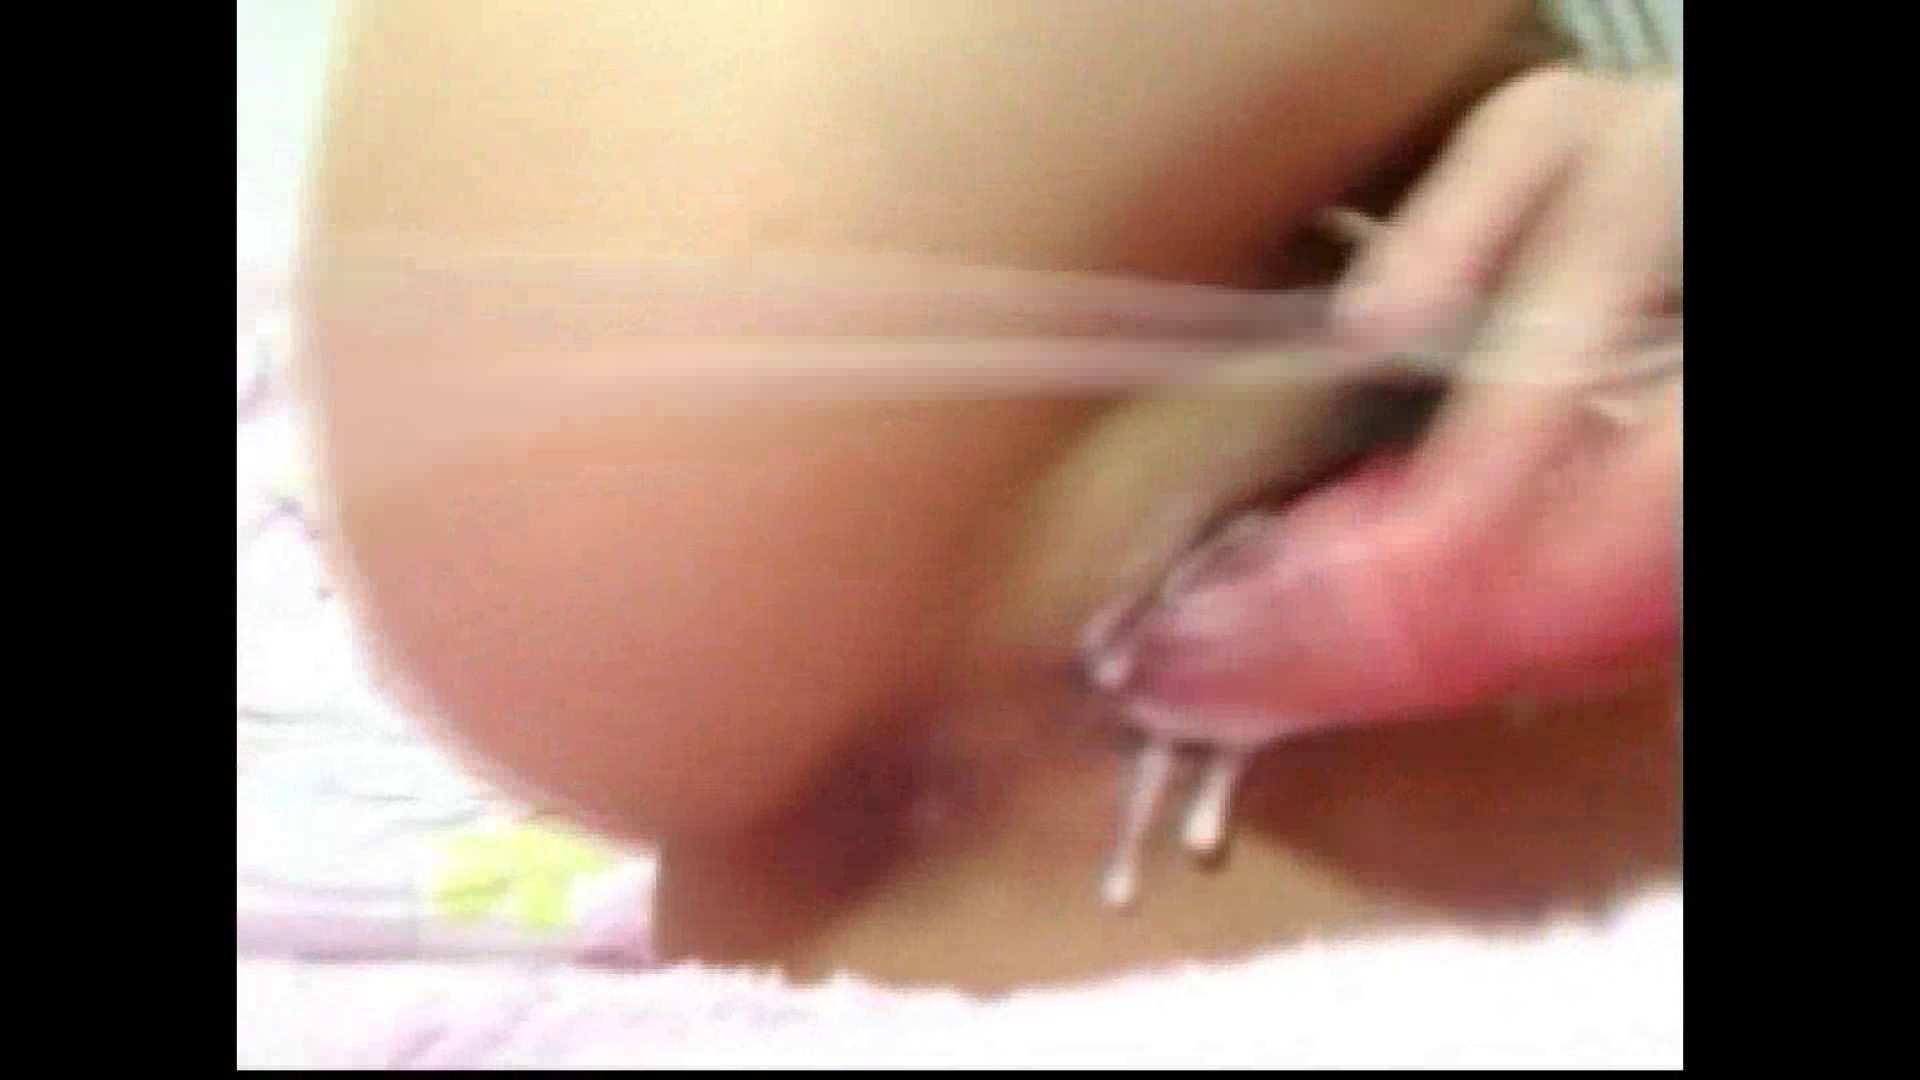 アヘ顔のわたしってどうかしら Vol.03 流出作品 | オナニー集  66pic 65